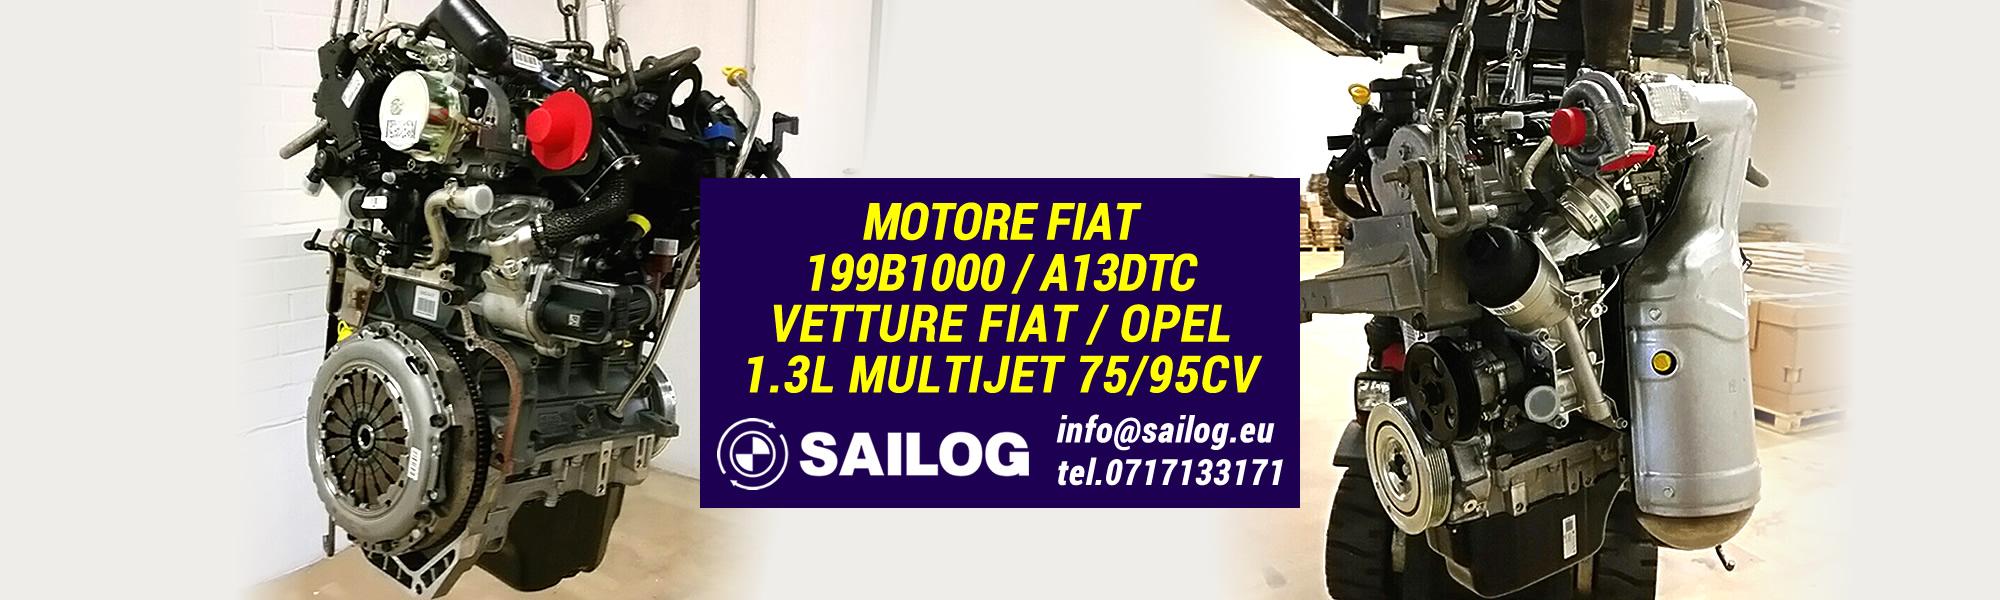 Occasione Motore Fiat 199B1000 / A13DTC | SAITO